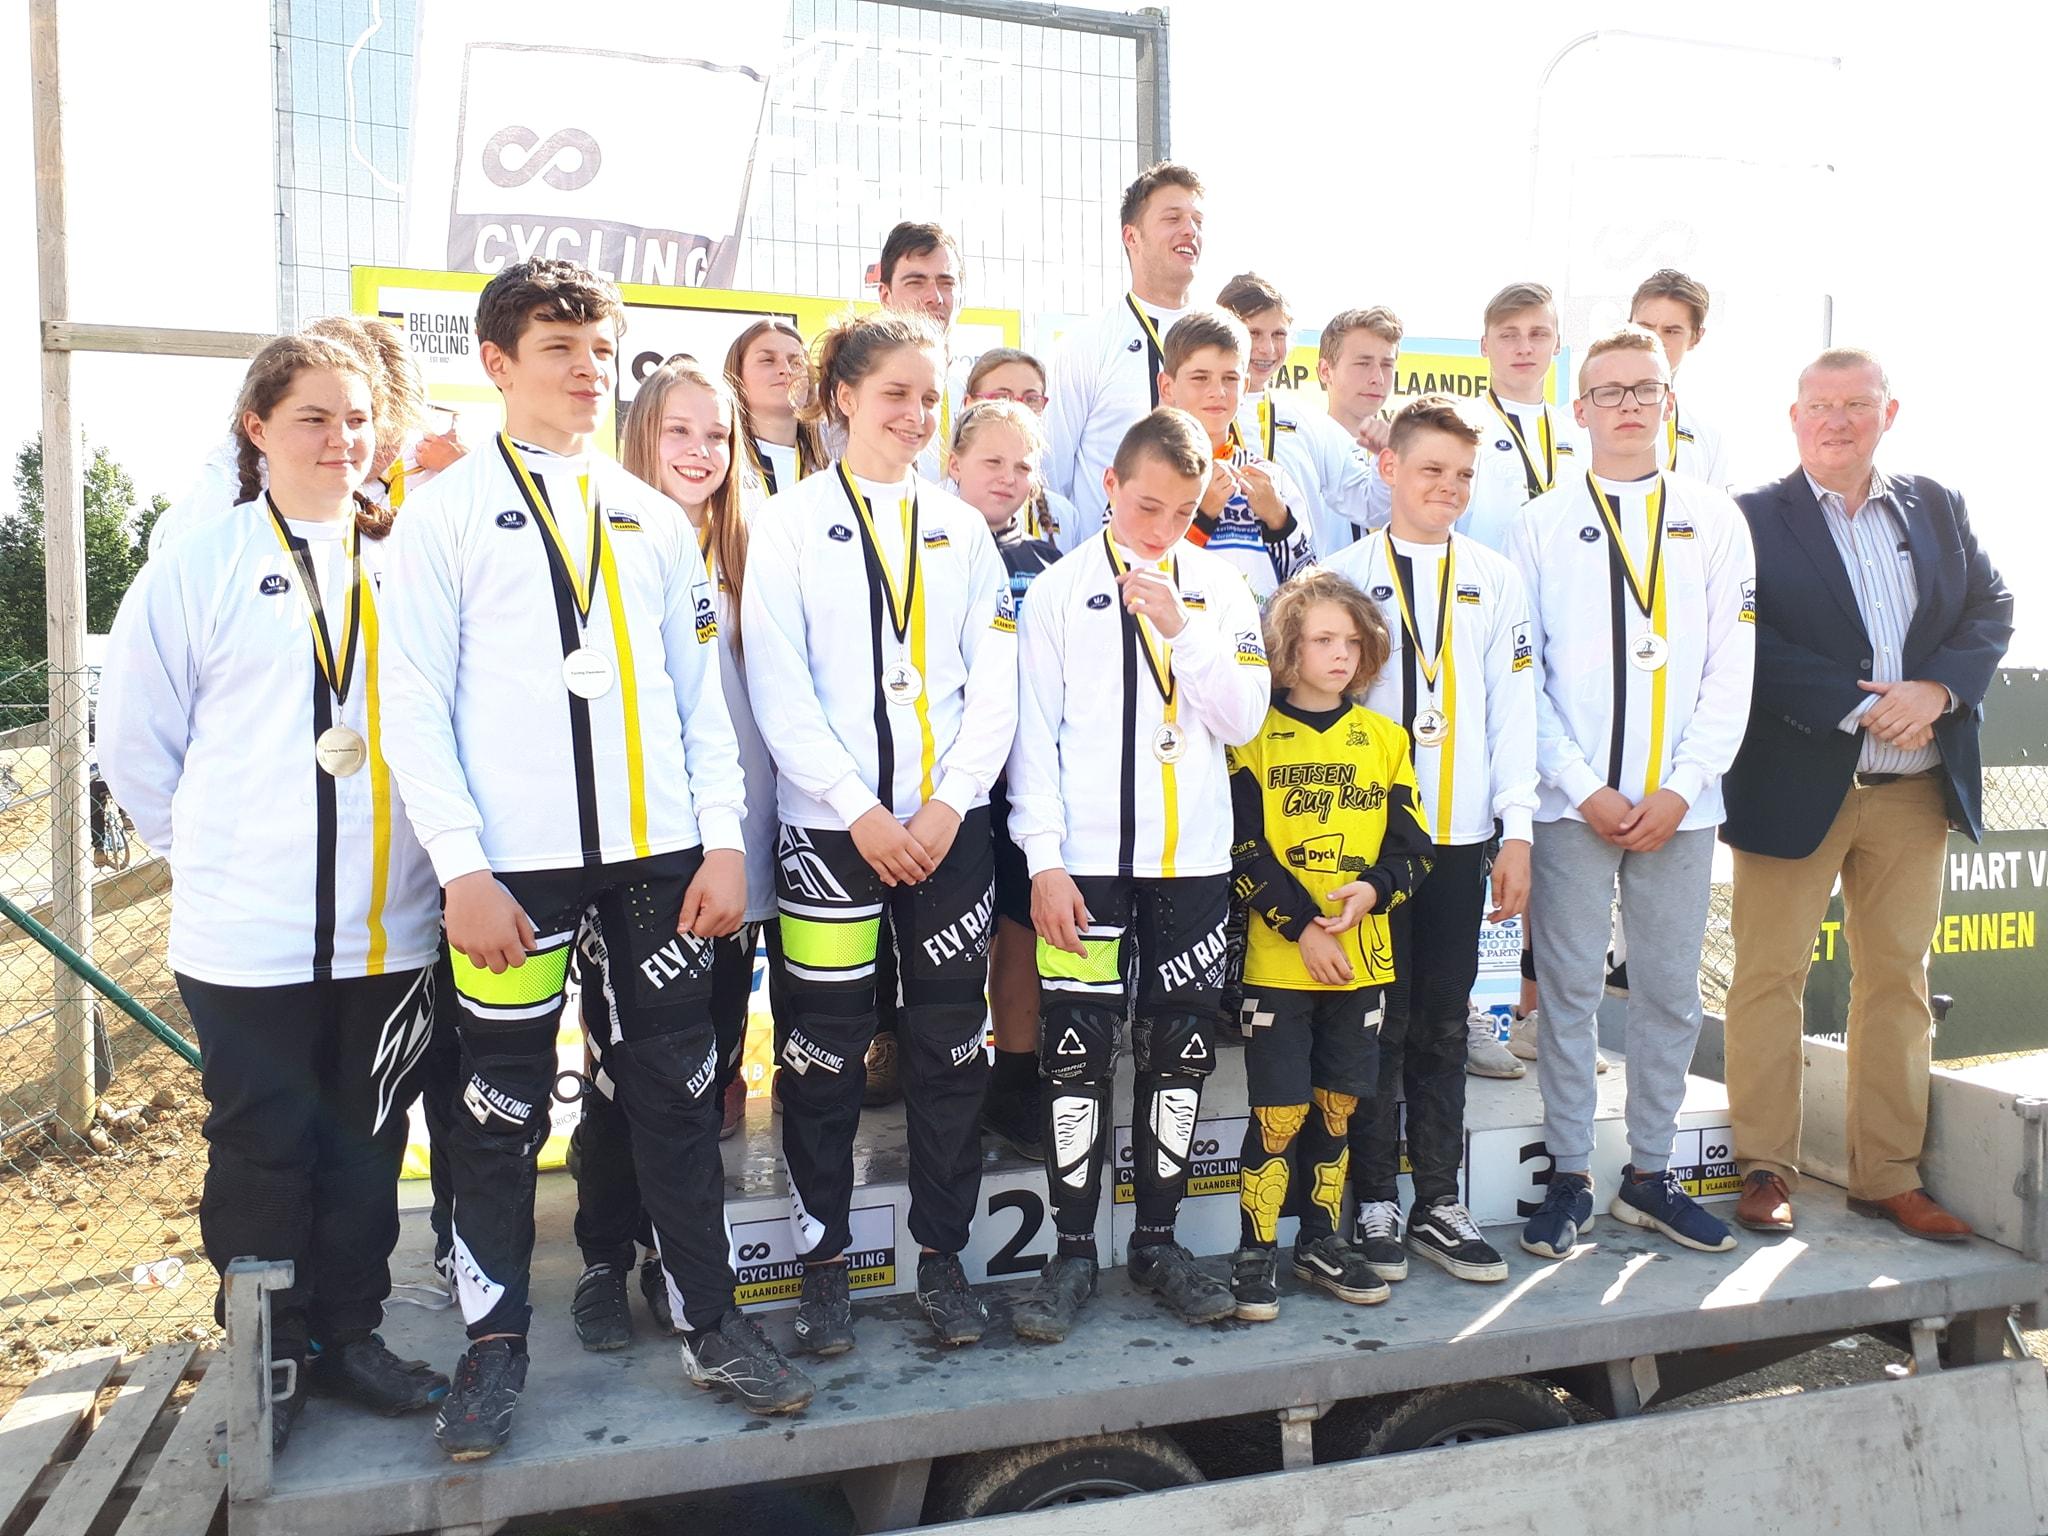 12 finalisten en 1 Vlaams kampioen voor PMC Cycling in Aarschot